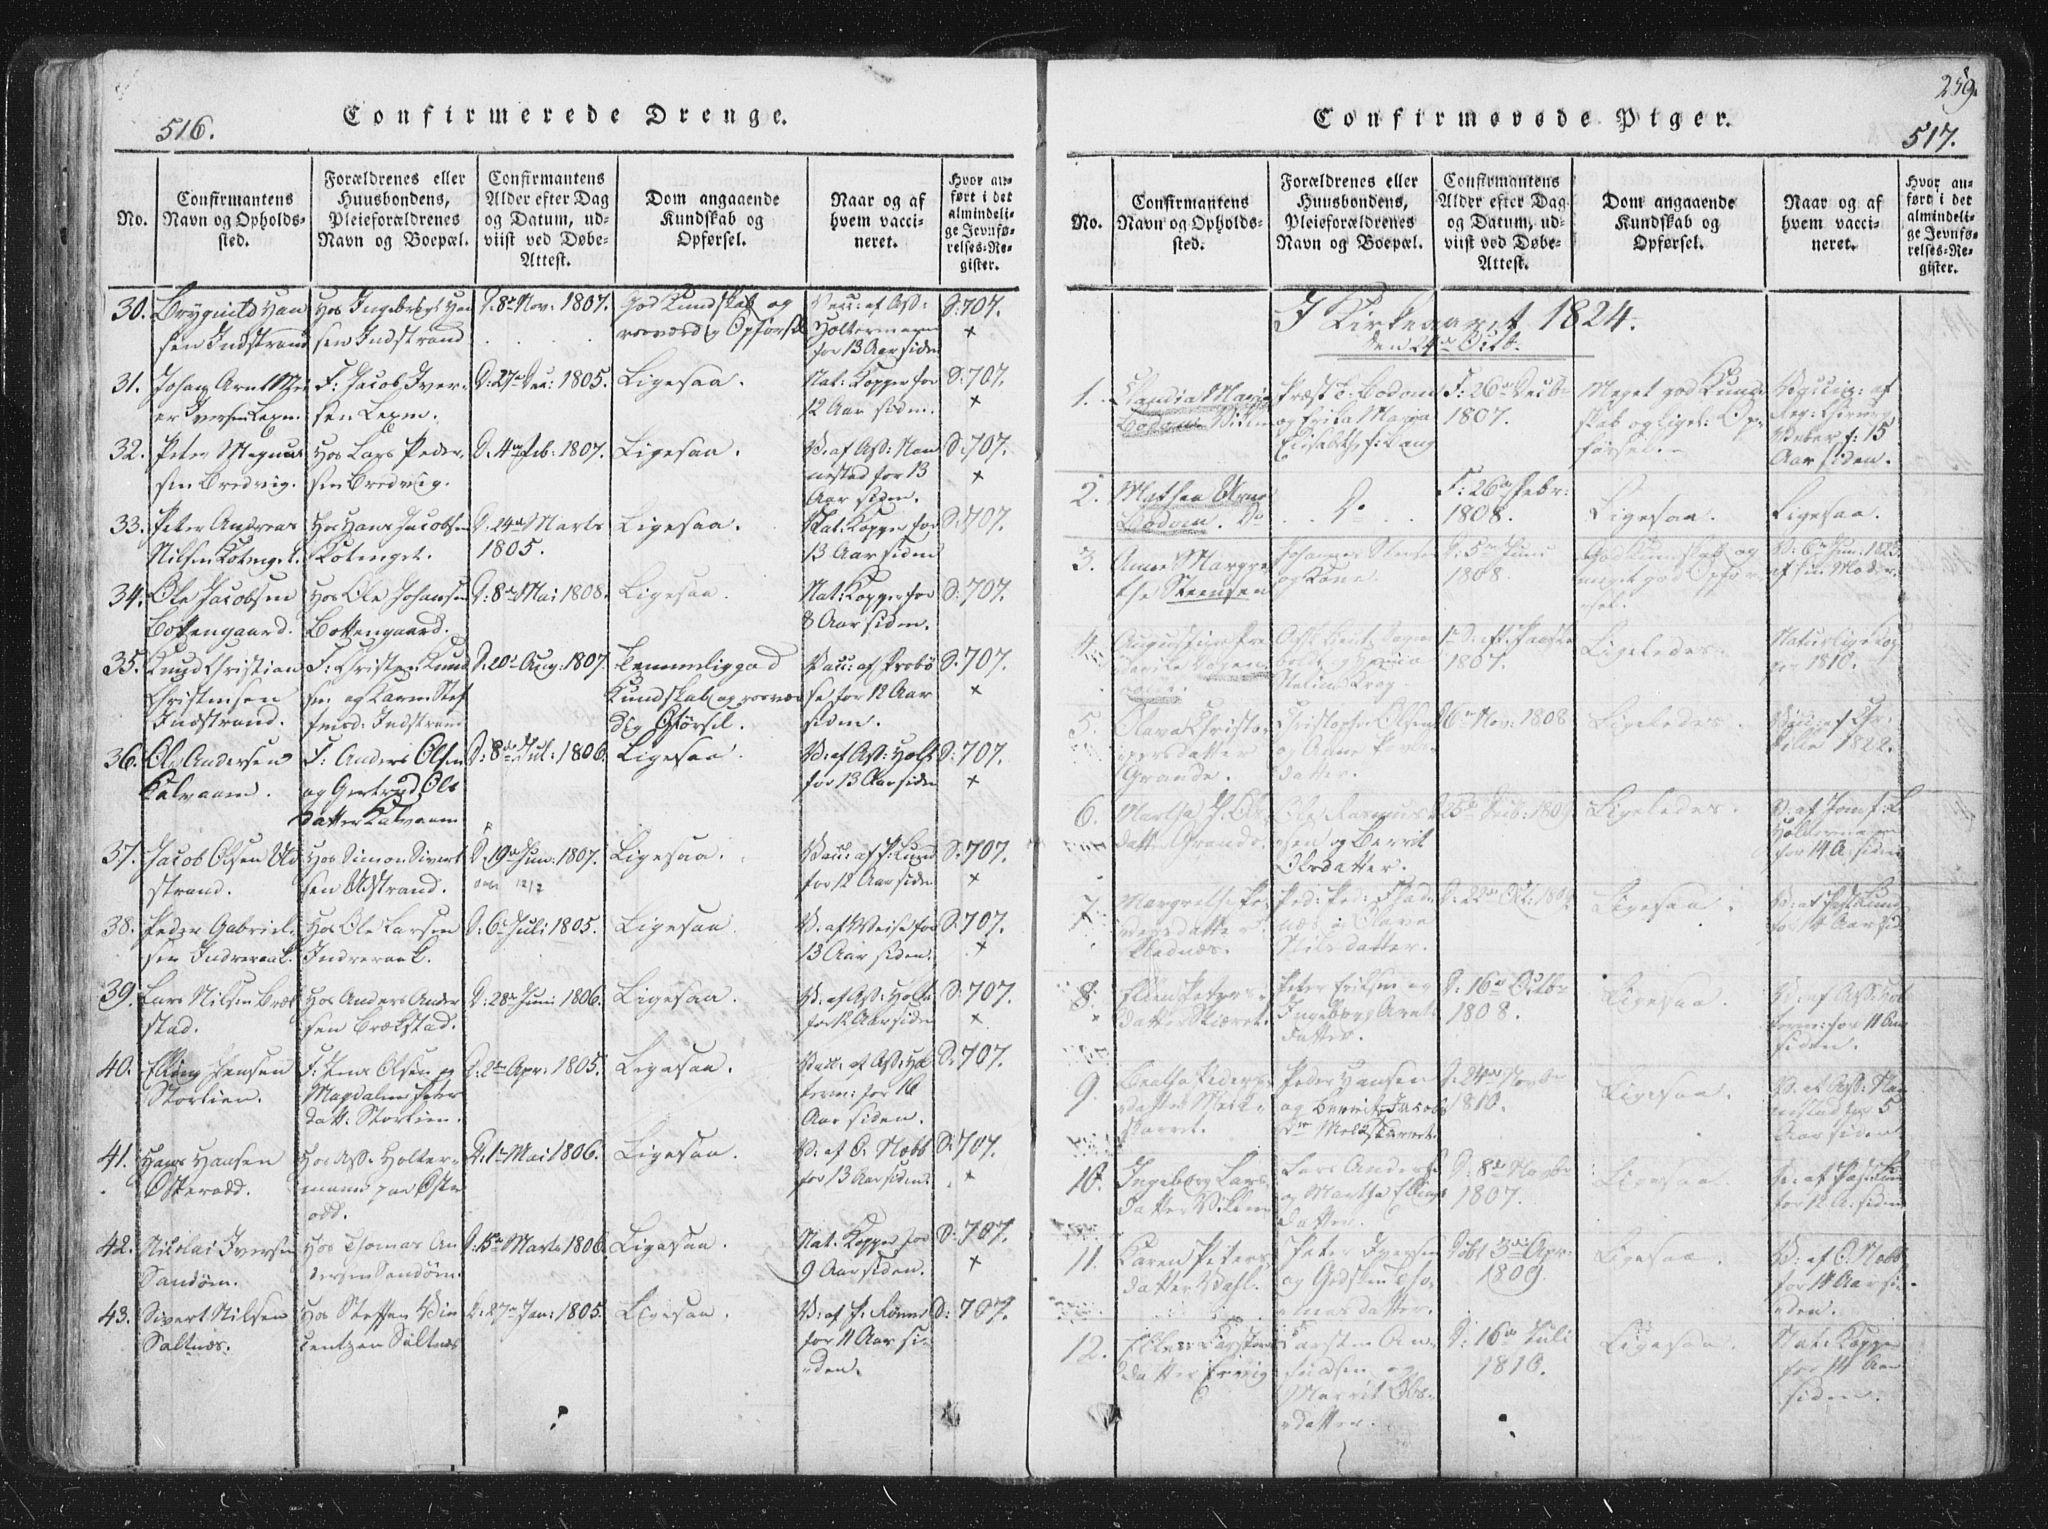 SAT, Ministerialprotokoller, klokkerbøker og fødselsregistre - Sør-Trøndelag, 659/L0734: Ministerialbok nr. 659A04, 1818-1825, s. 516-517